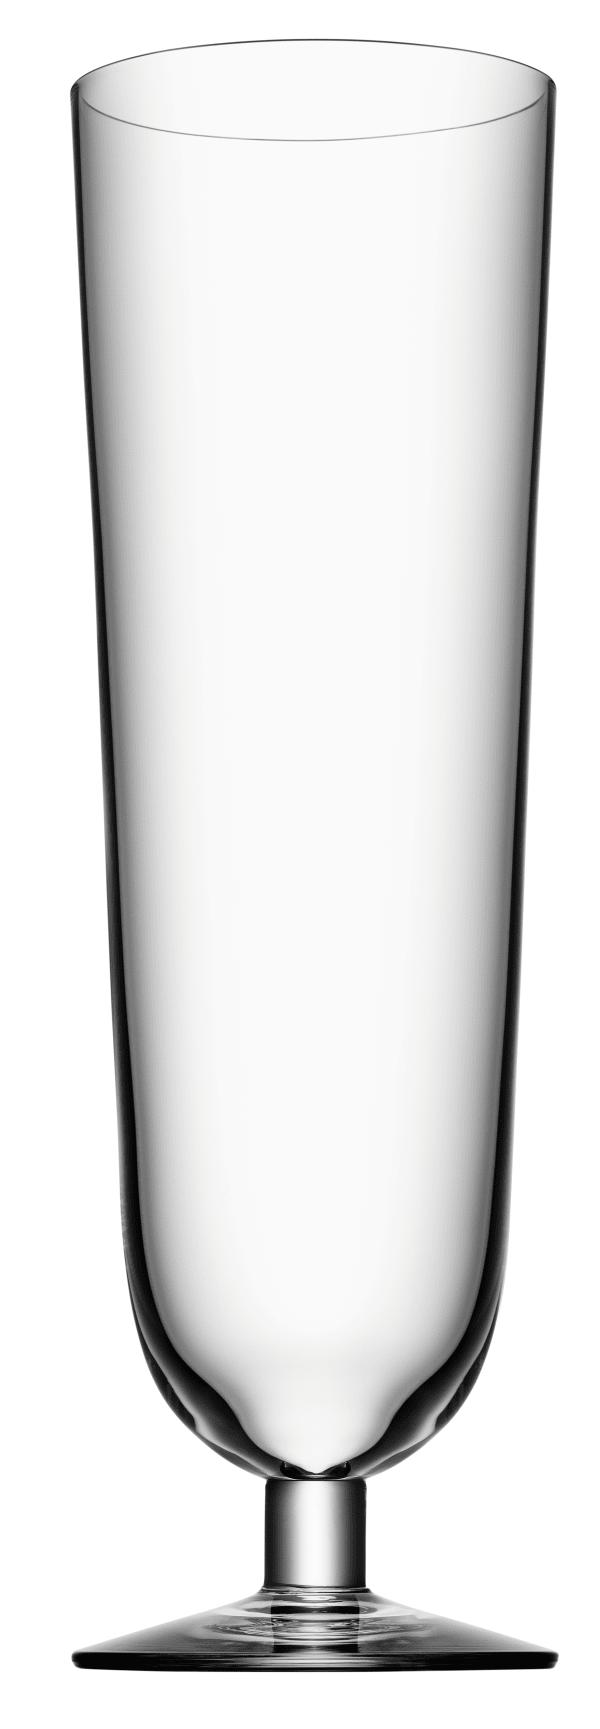 Orrefors Beer Pils glas 4 st.